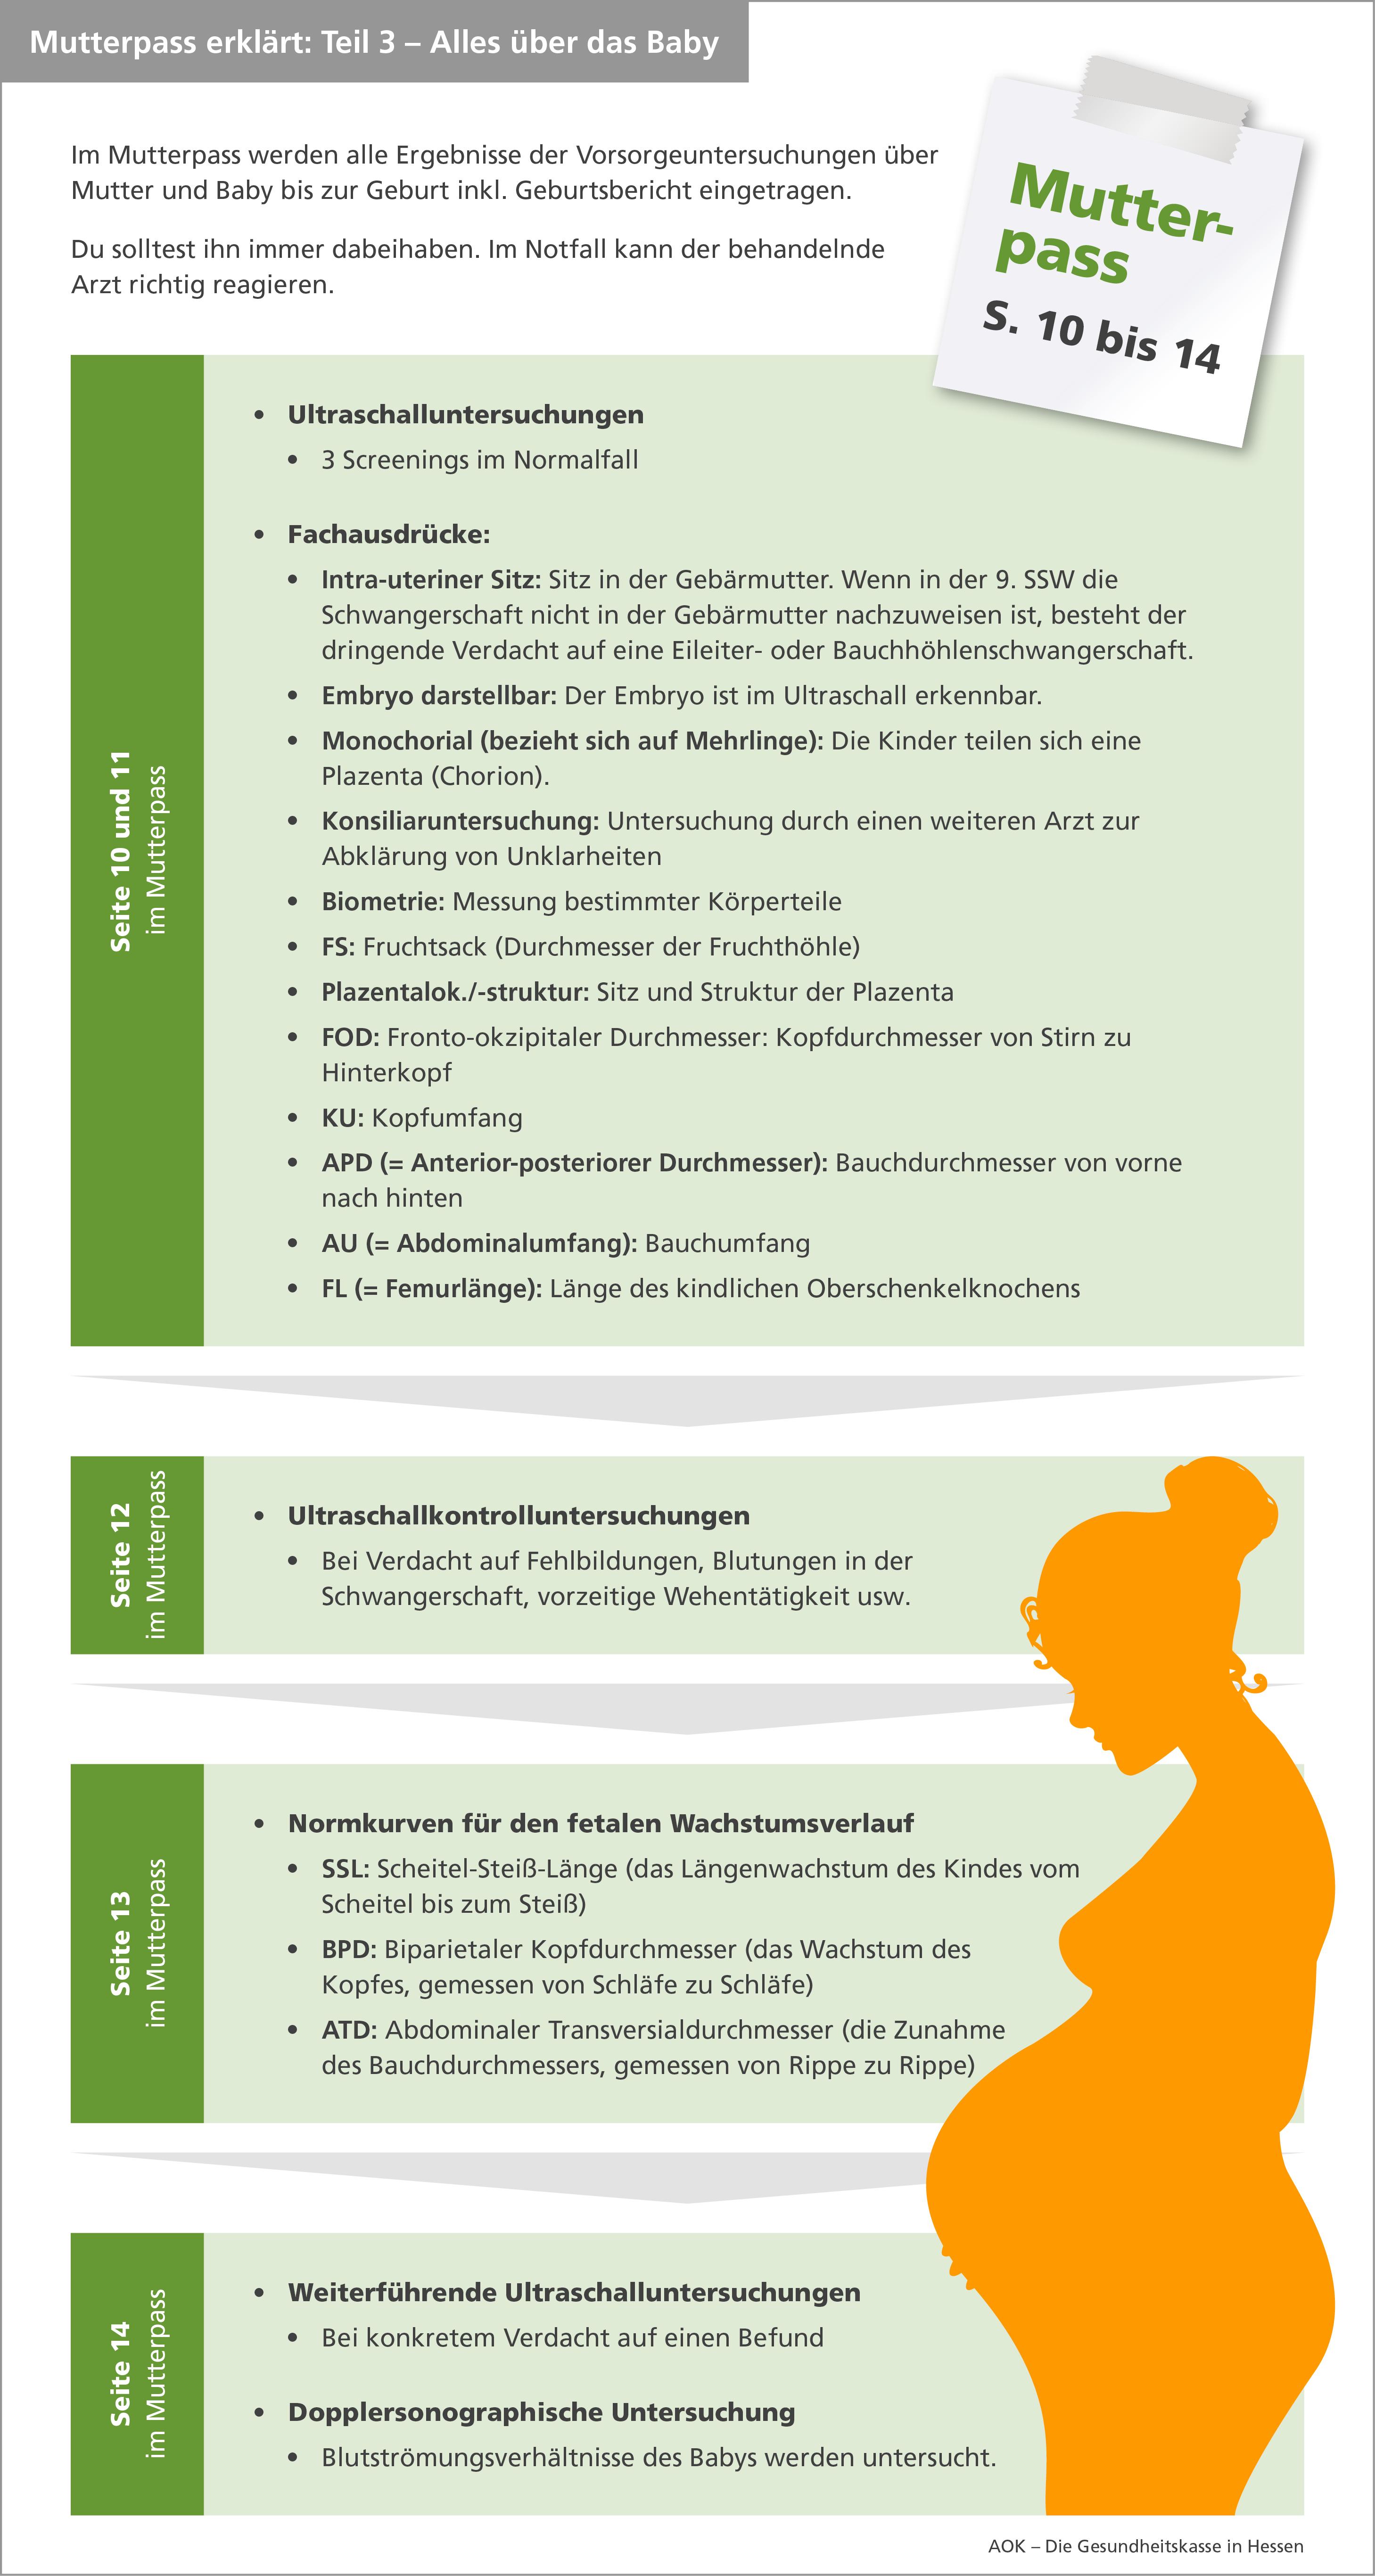 Infografik Mutterpass Teil 3